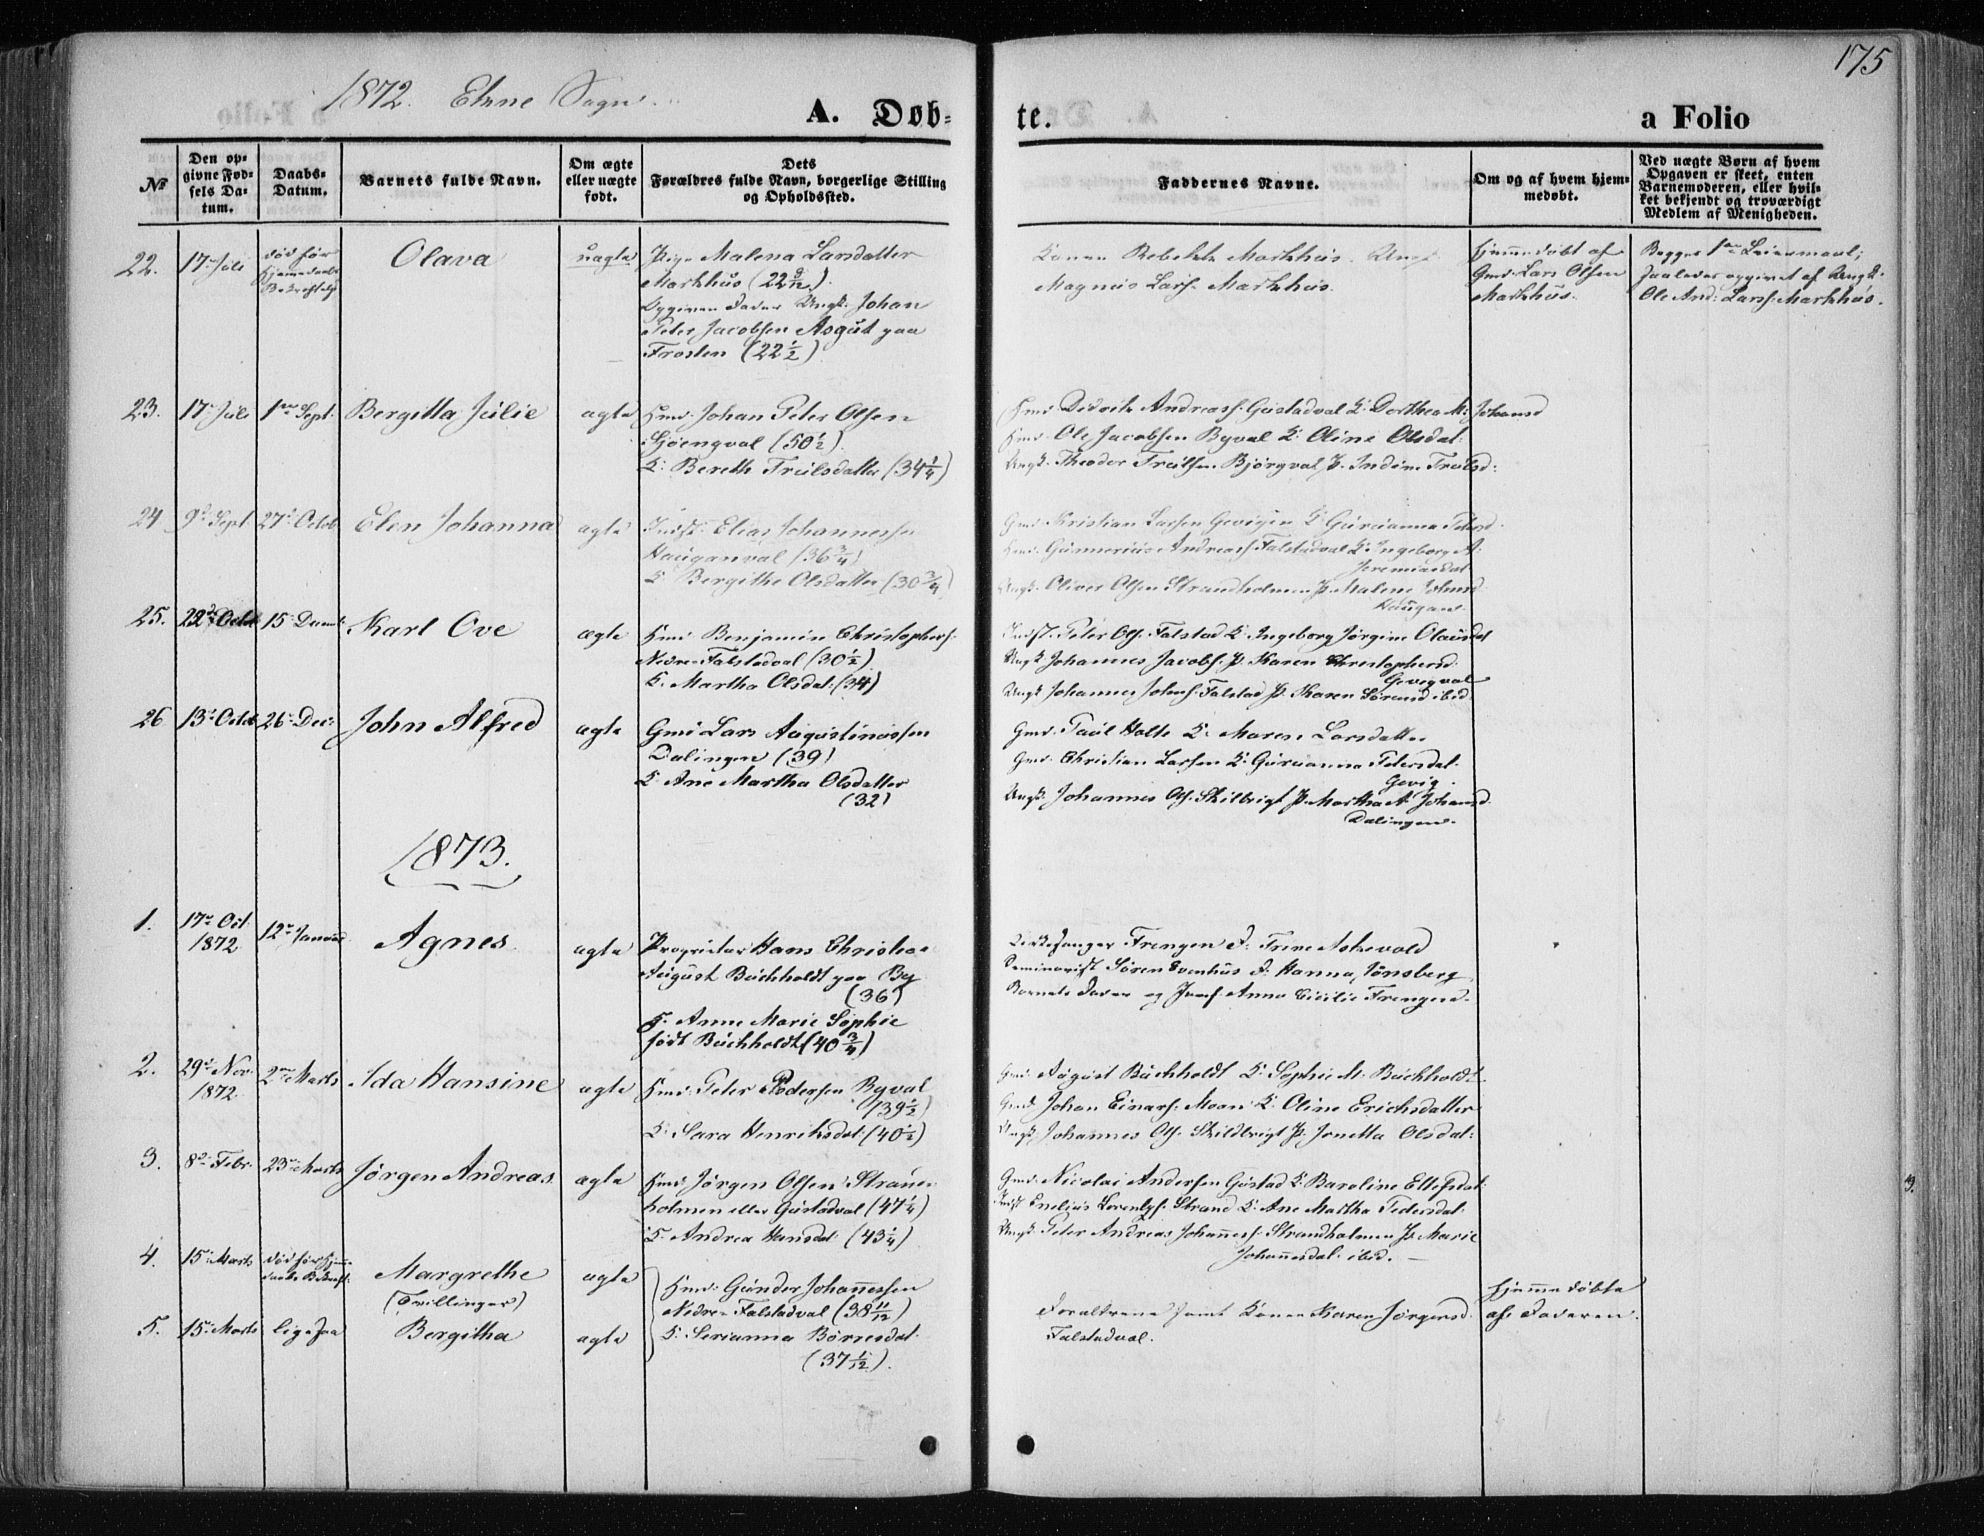 SAT, Ministerialprotokoller, klokkerbøker og fødselsregistre - Nord-Trøndelag, 717/L0158: Ministerialbok nr. 717A08 /2, 1863-1877, s. 175